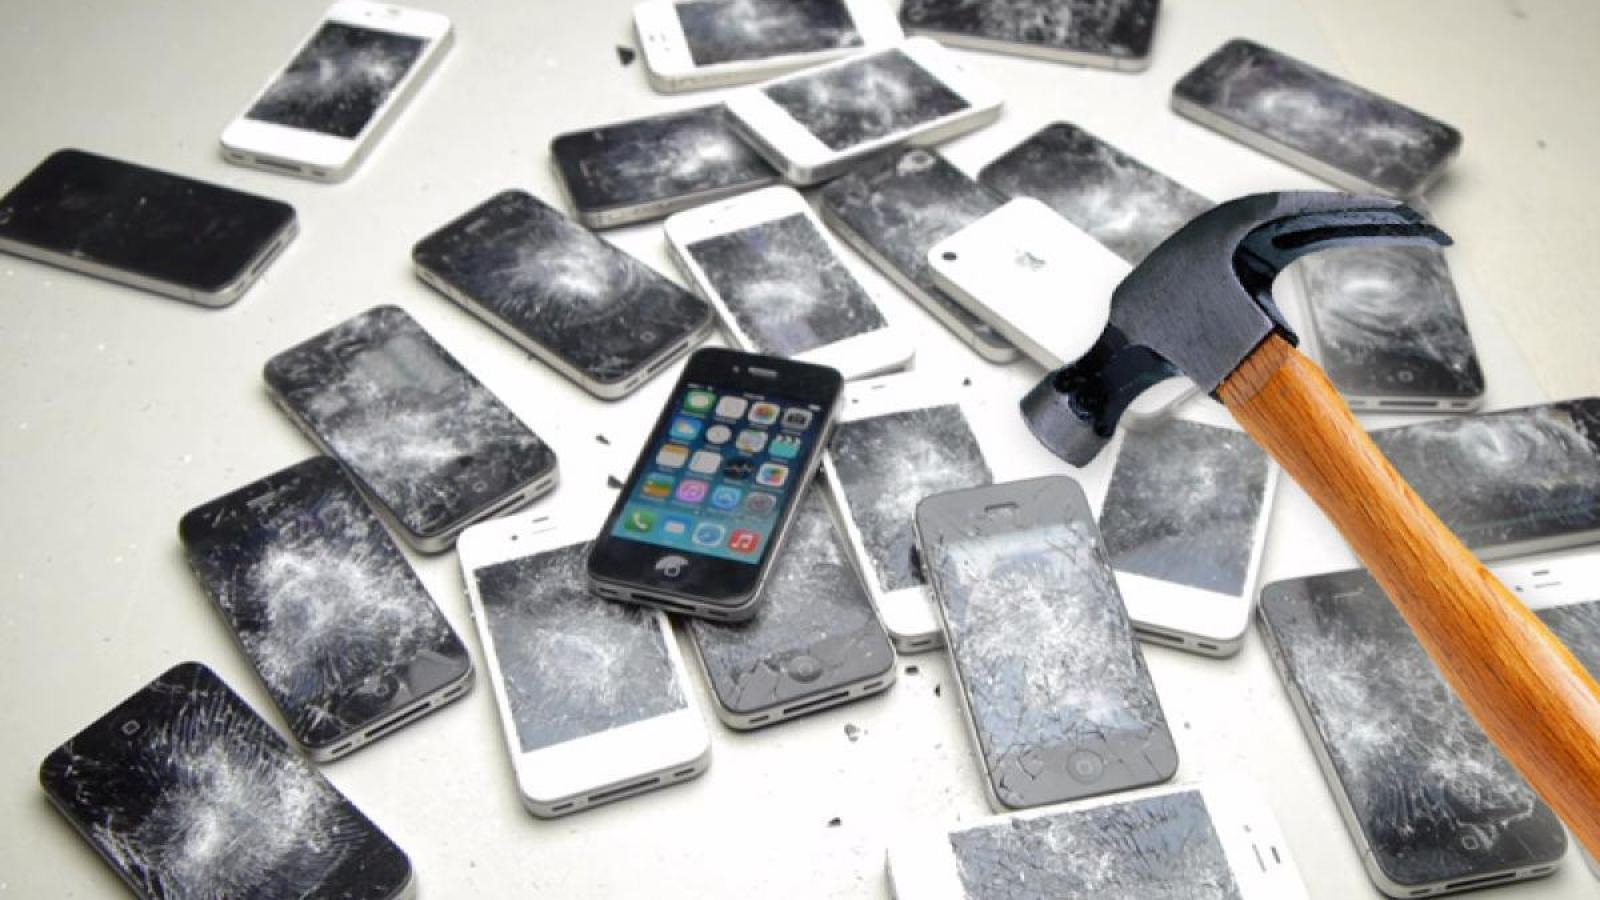 10 недостатков смартфонов, о которых вы не подумаете при покупке